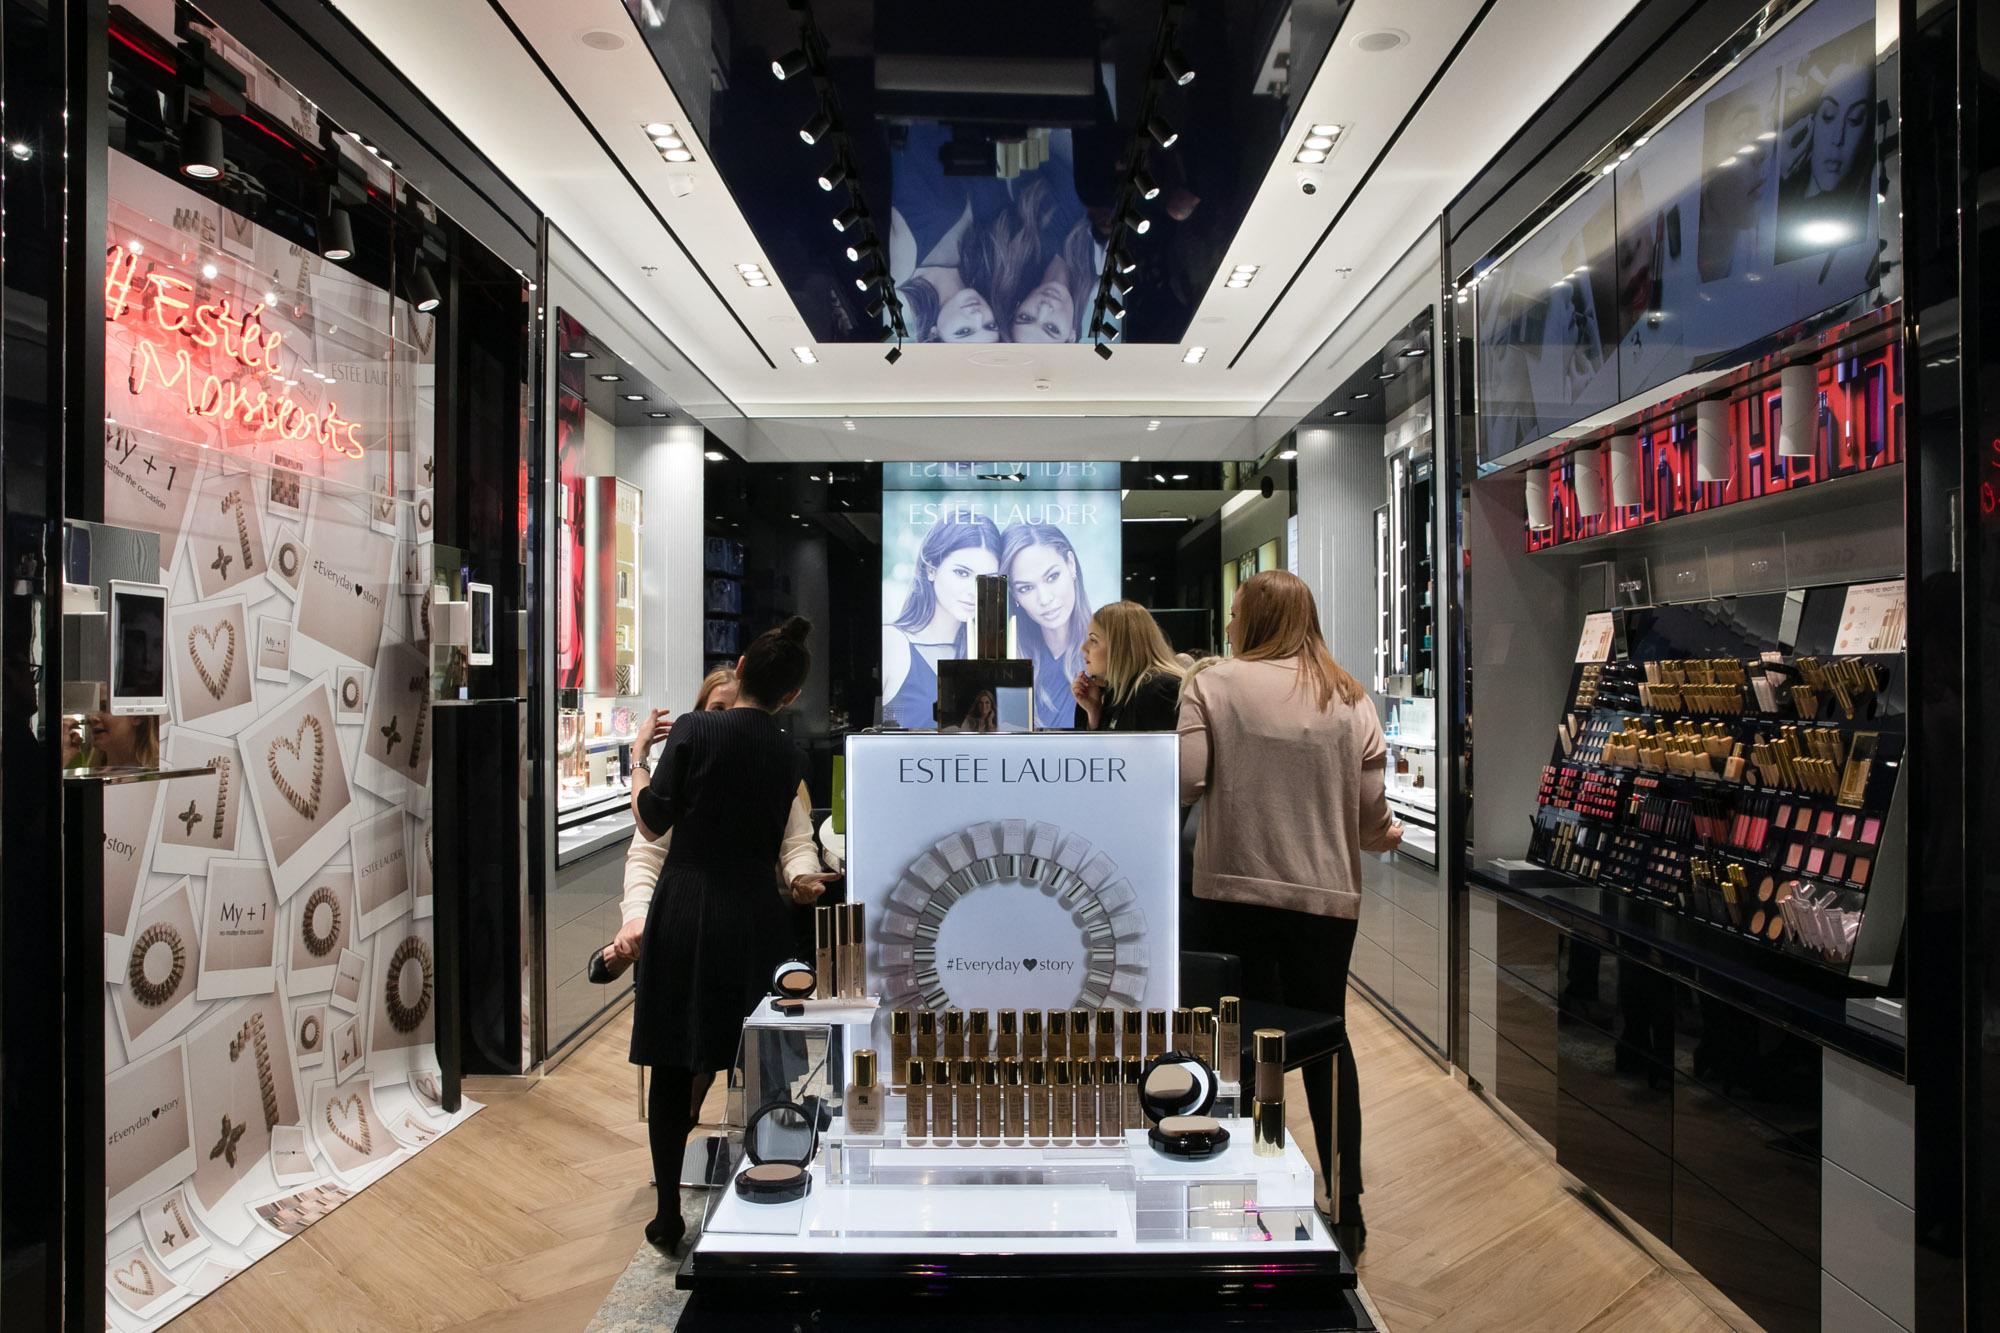 В Израиле прошло открытие первого фирменного бутика Estee Lauder: вечеринку посетили сотни знаменитостей